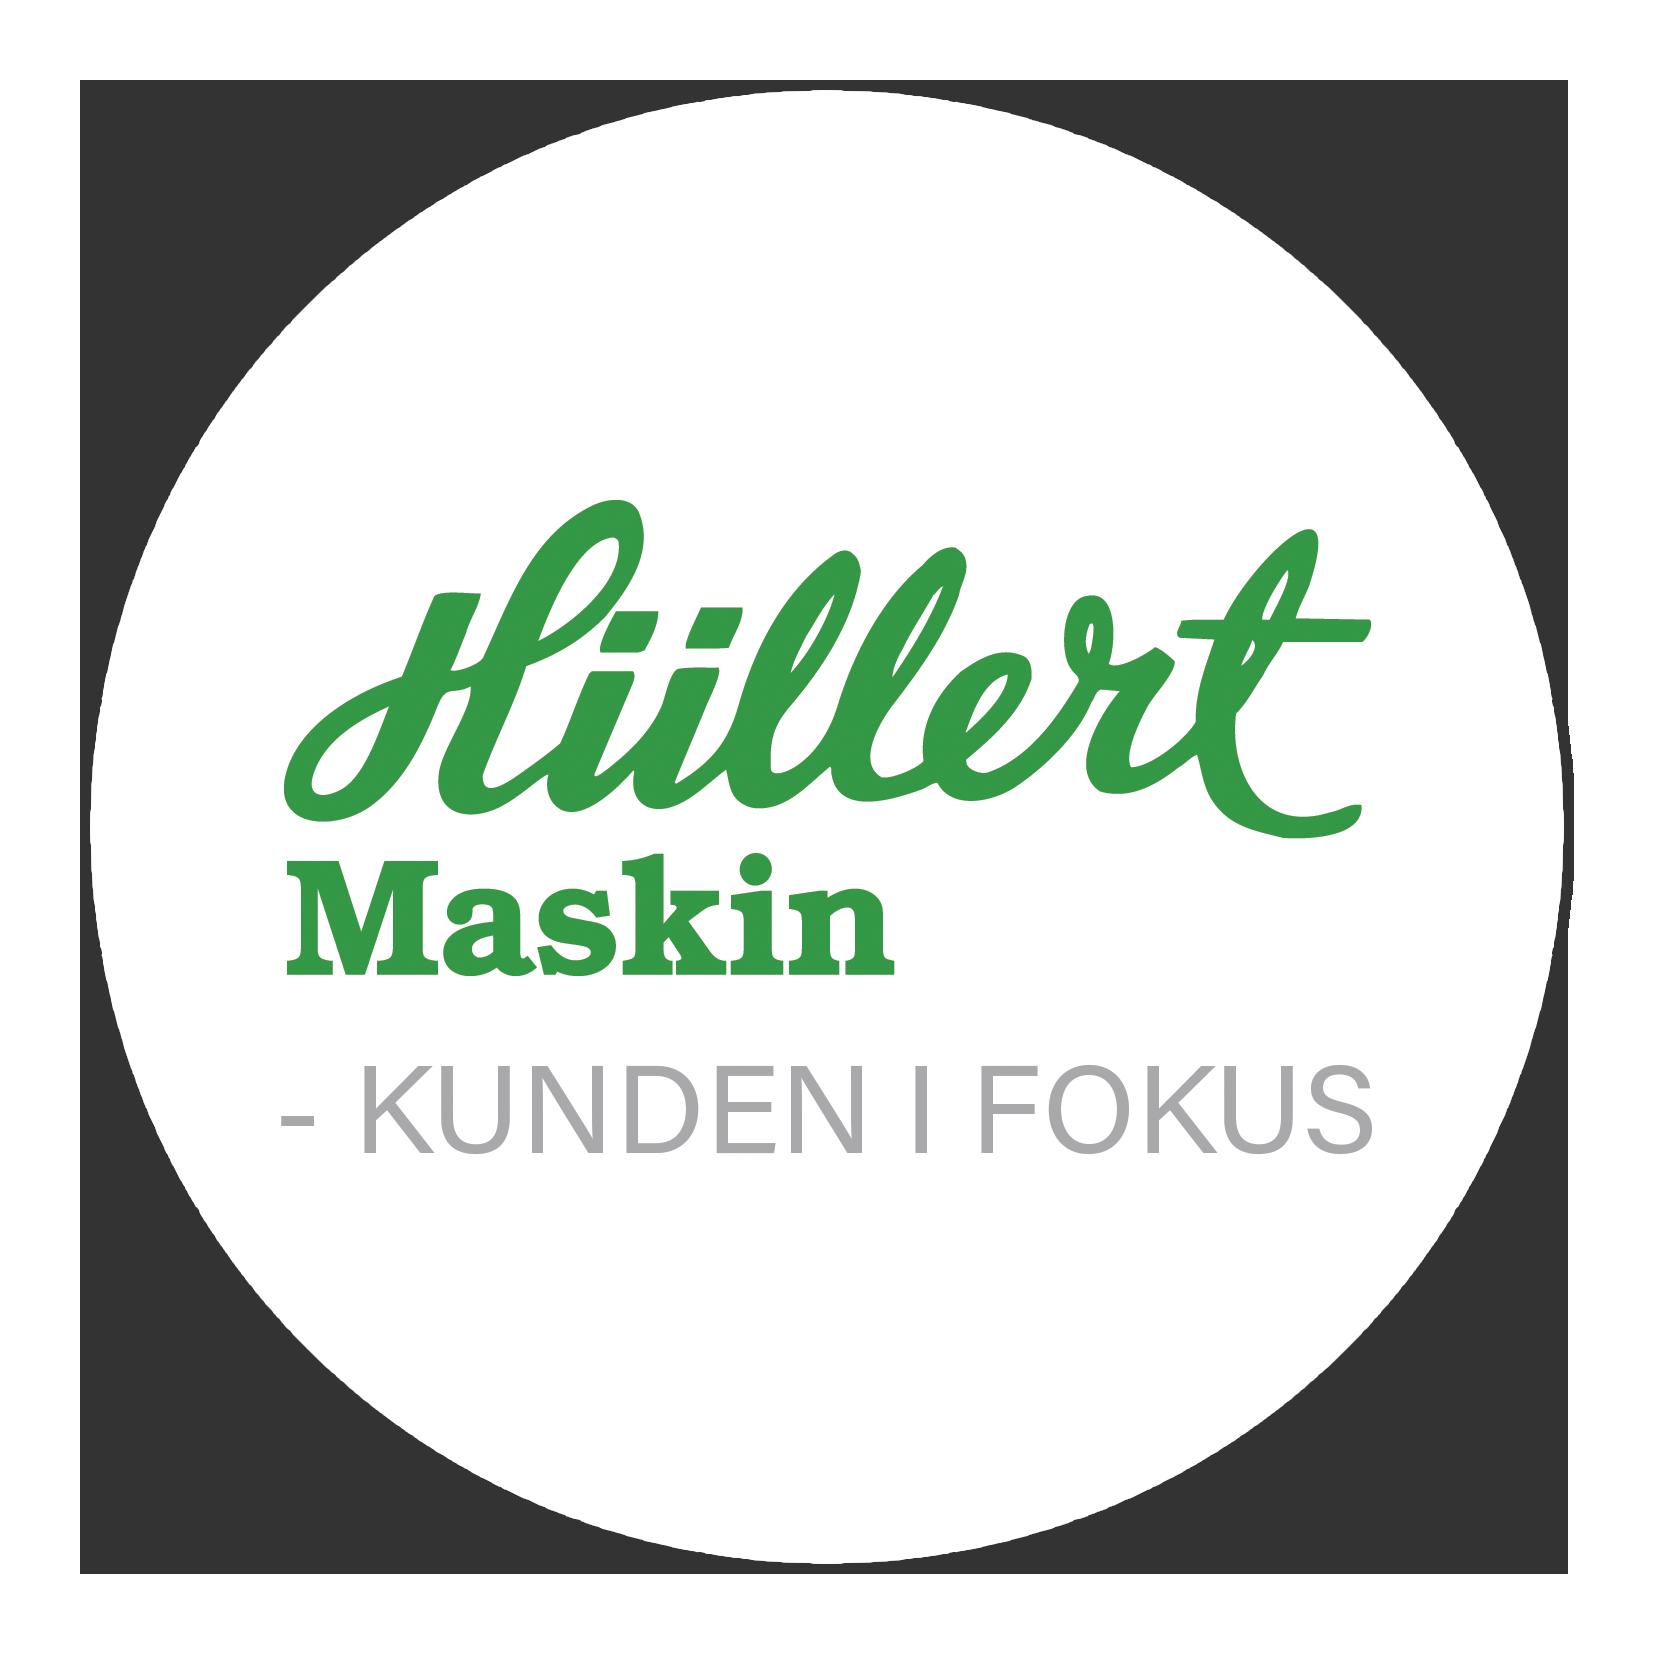 Hullert_logo_pantone_362_c_rund.png